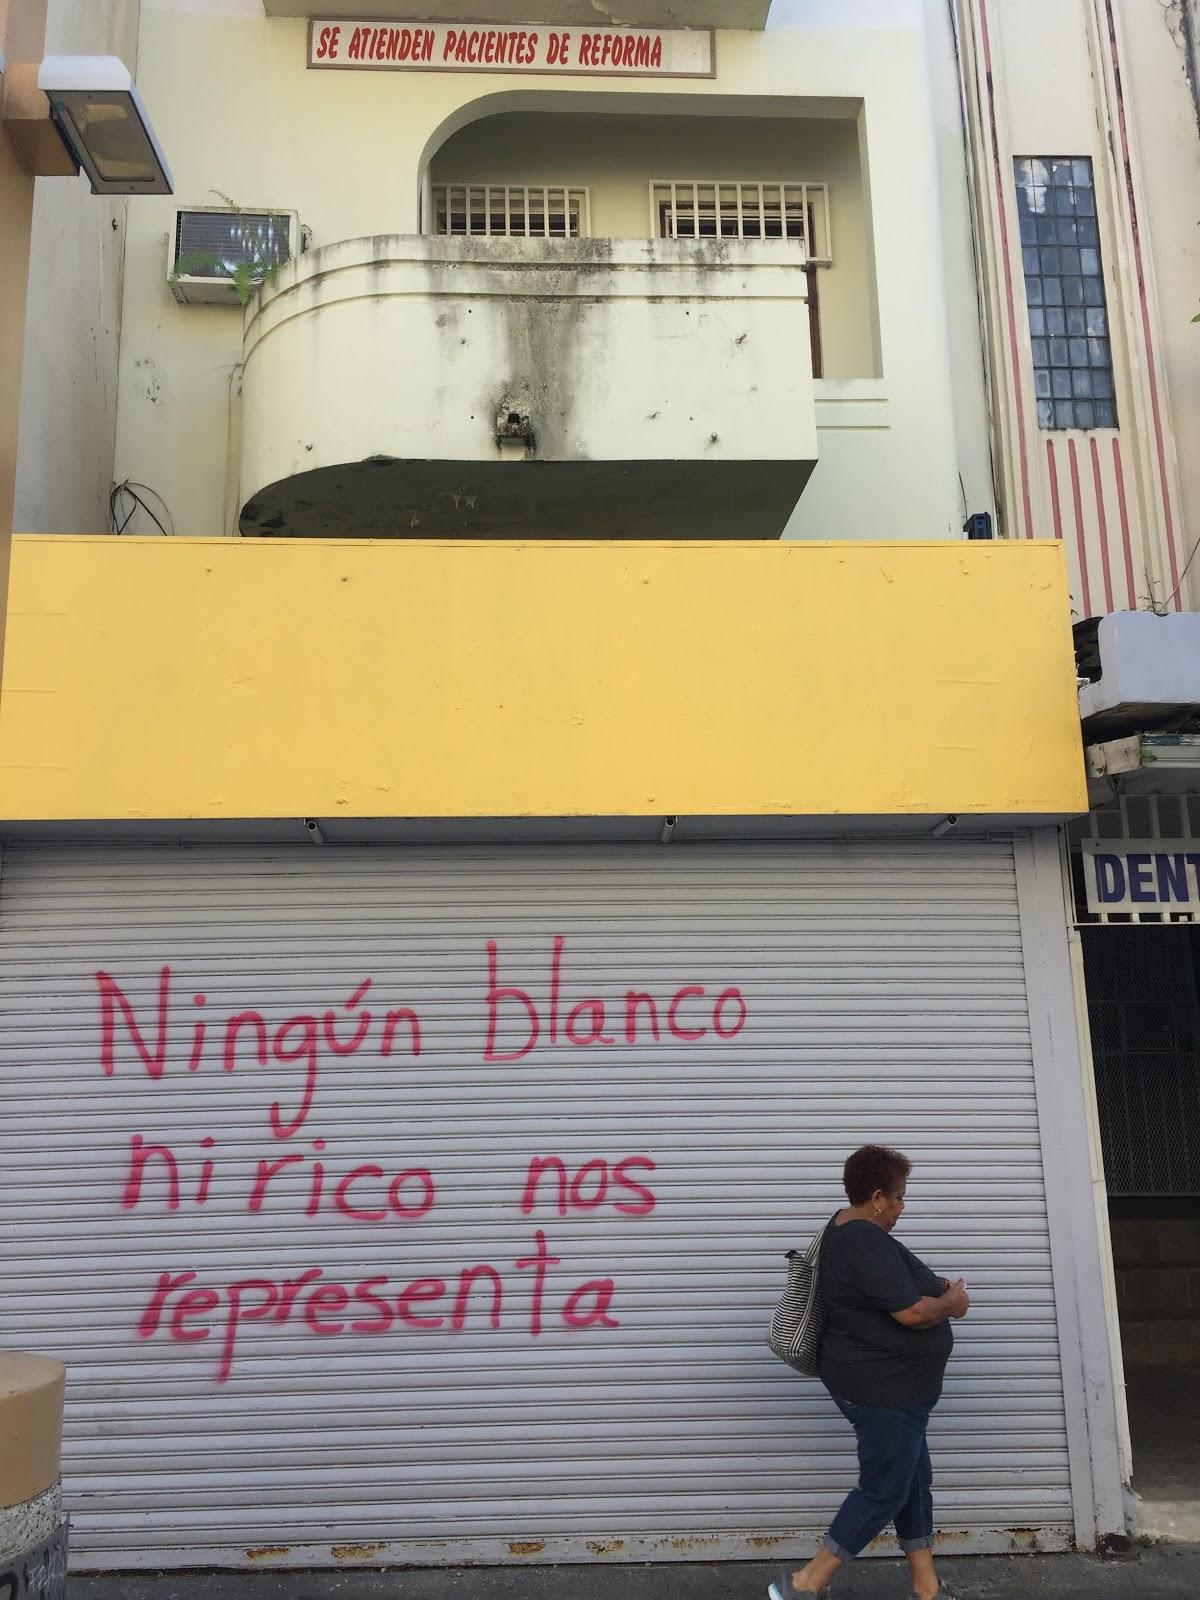 """14 febrero 207. #cuerpoyciudad #géneroyciudad documentación Paseo De Diego, Río Piedras, Puerto Rico. The tag reads: """"No white or rich man represents us."""""""